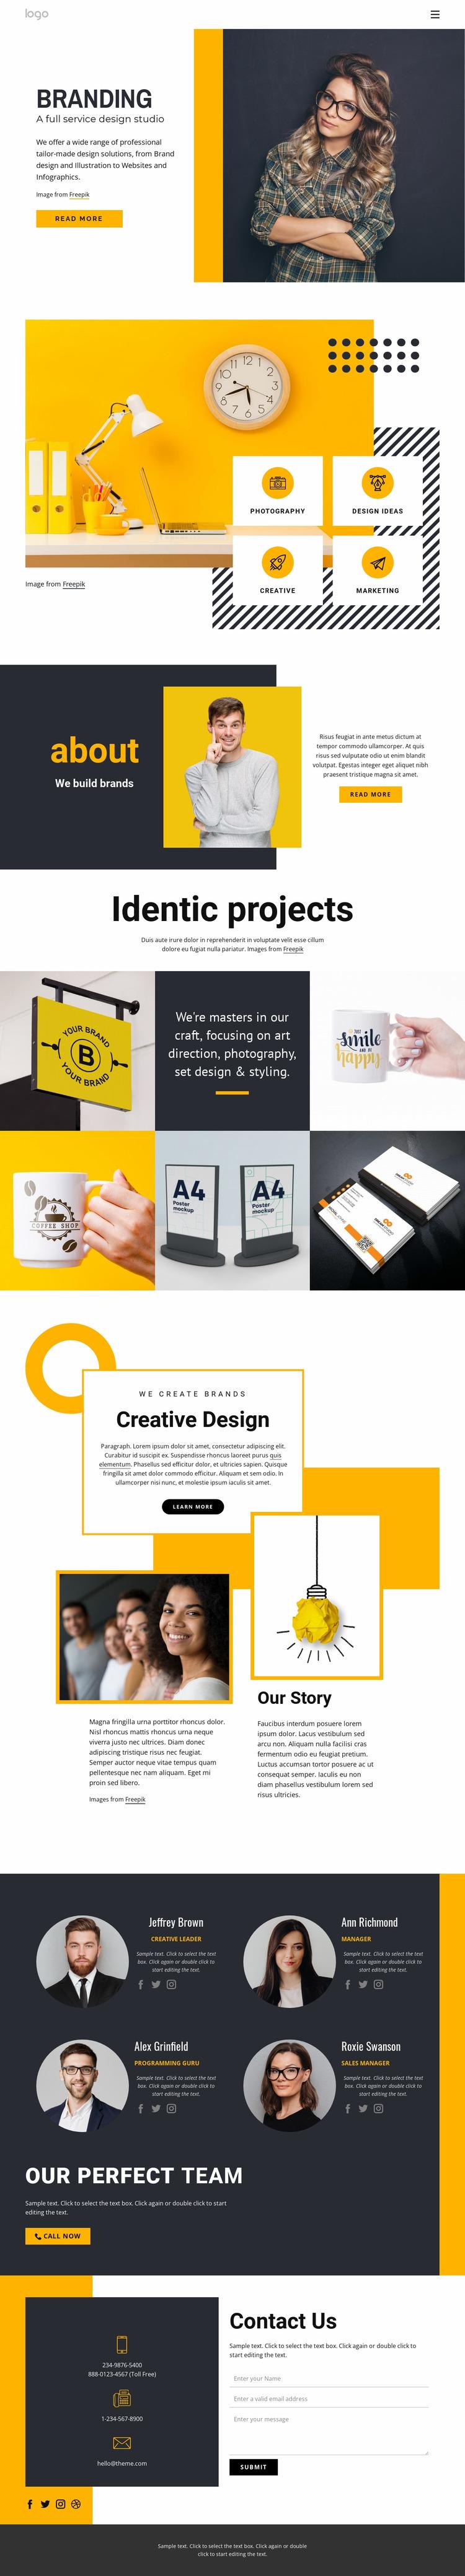 Full-service design studio Html Website Builder